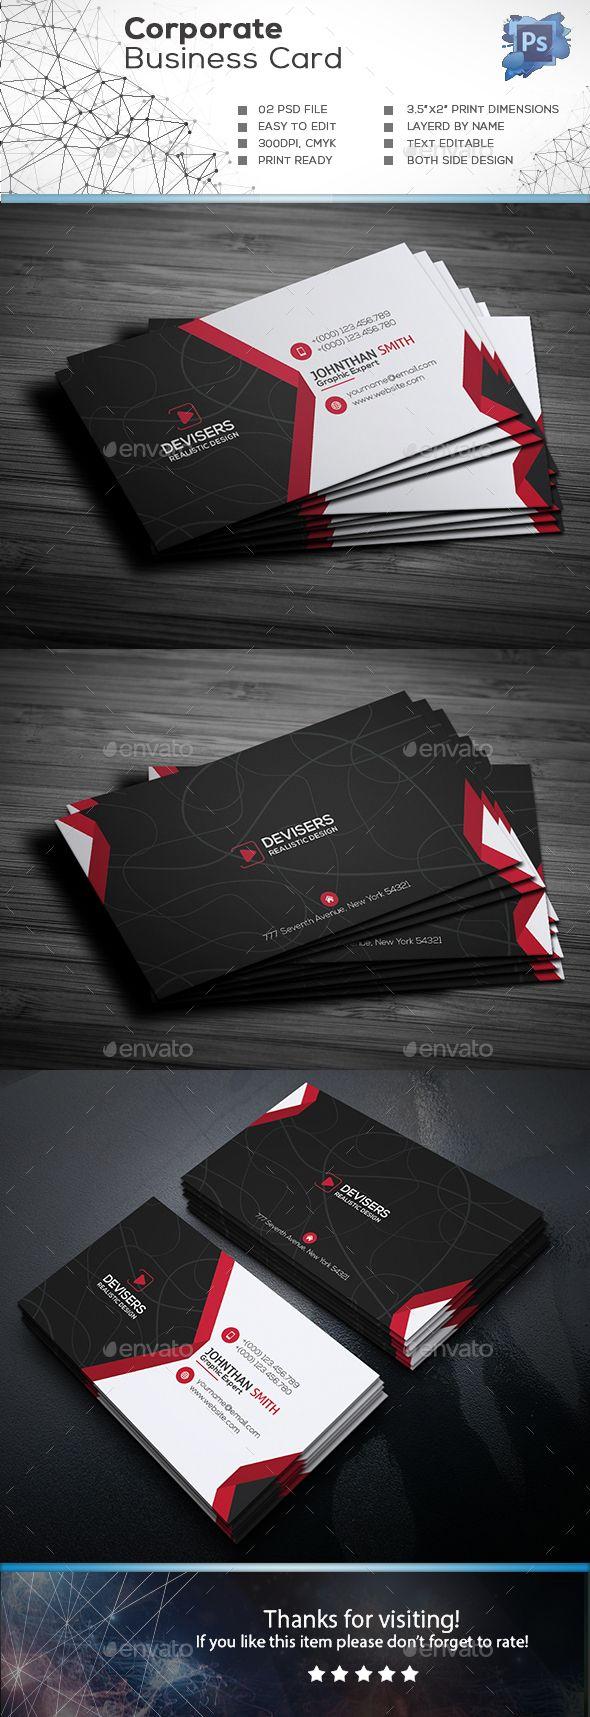 Corporate business card corporate business cards download here corporate business card corporate business cards download here https reheart Choice Image